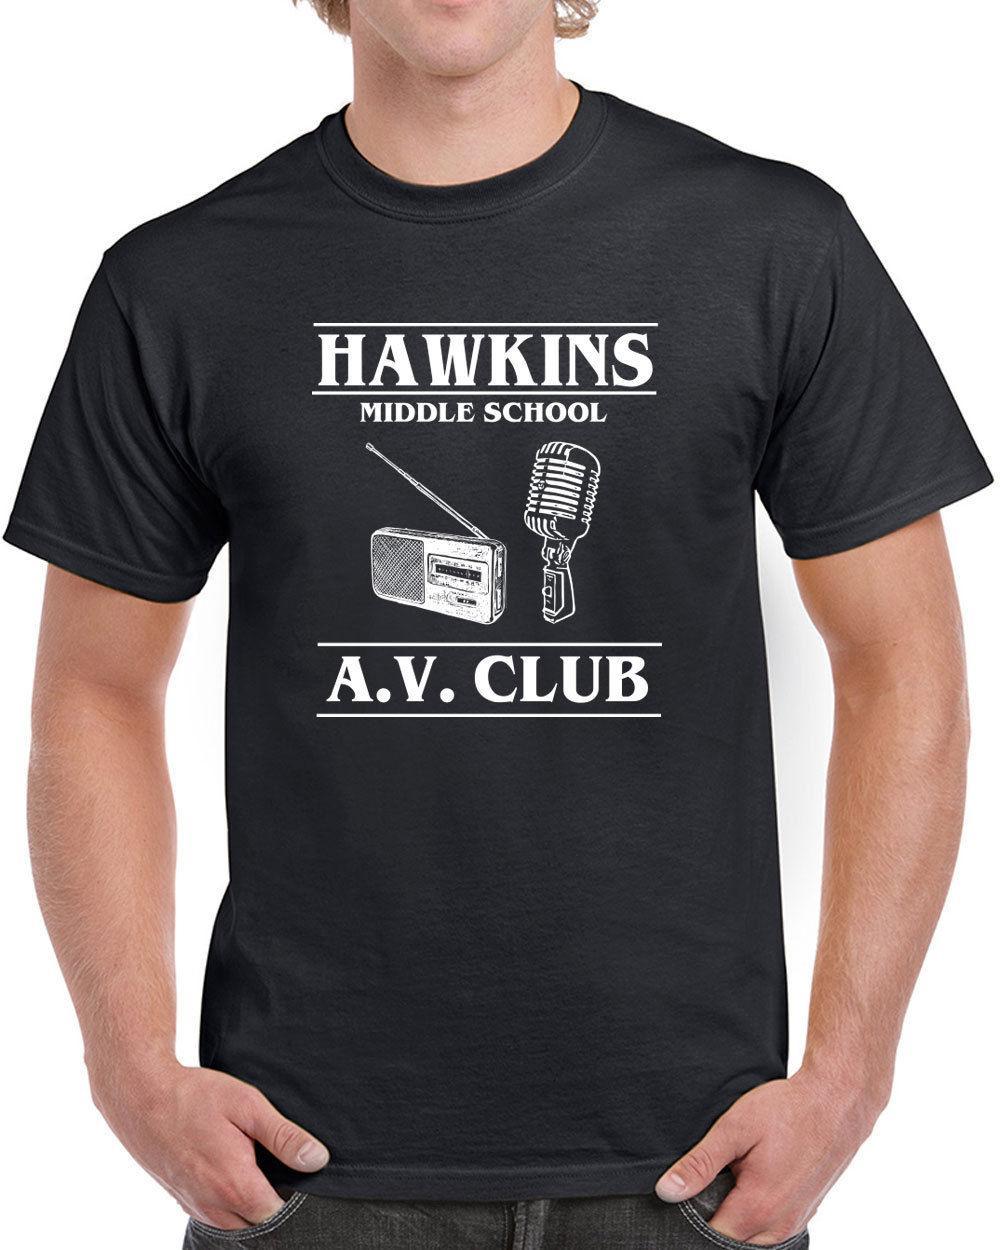 Großhandel 538 Hawkins Middle School Av Club Herren T Shirt Fremde